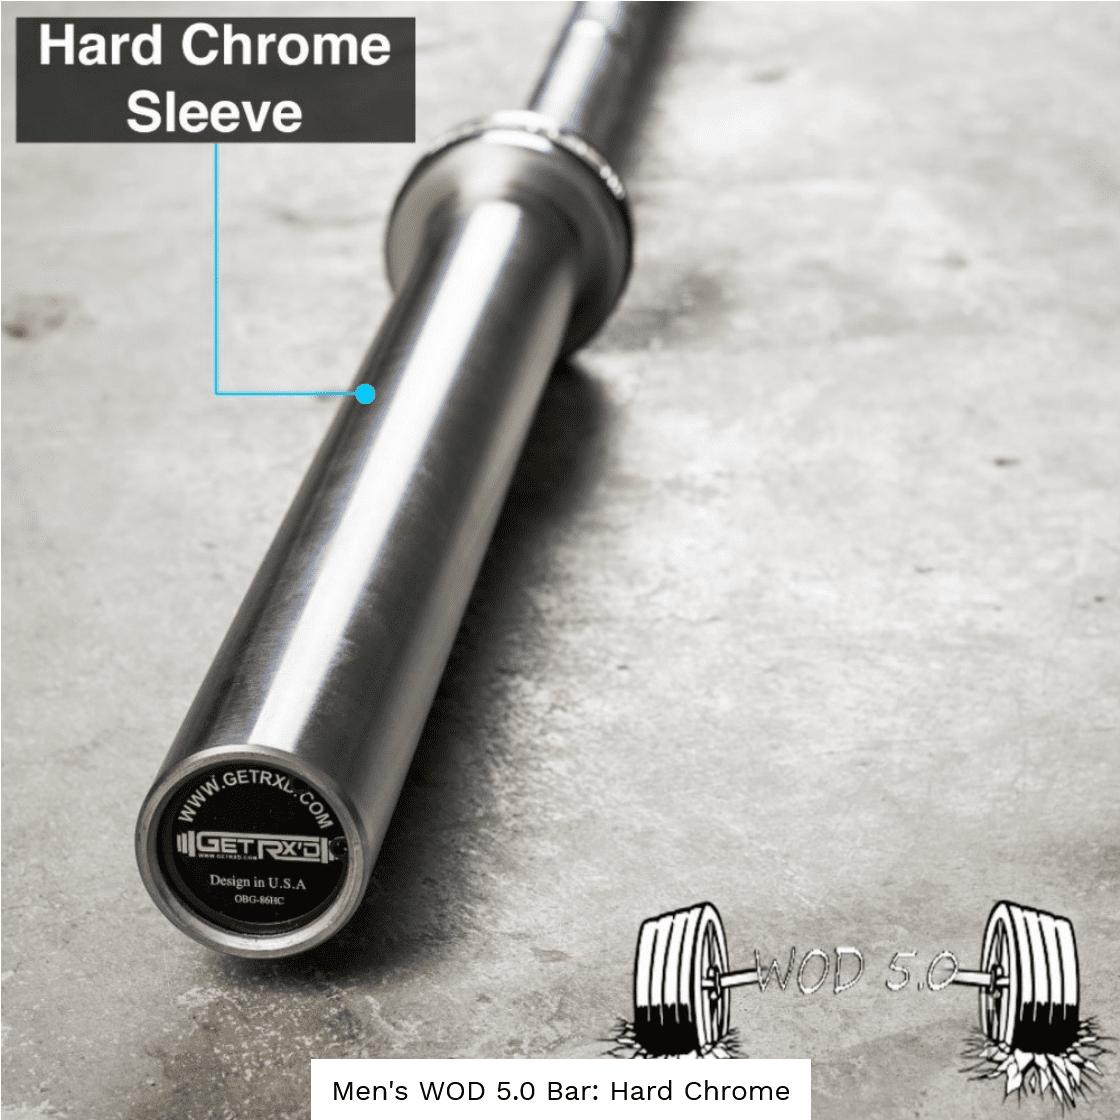 WOD Bar 5.0: Hard Chrome